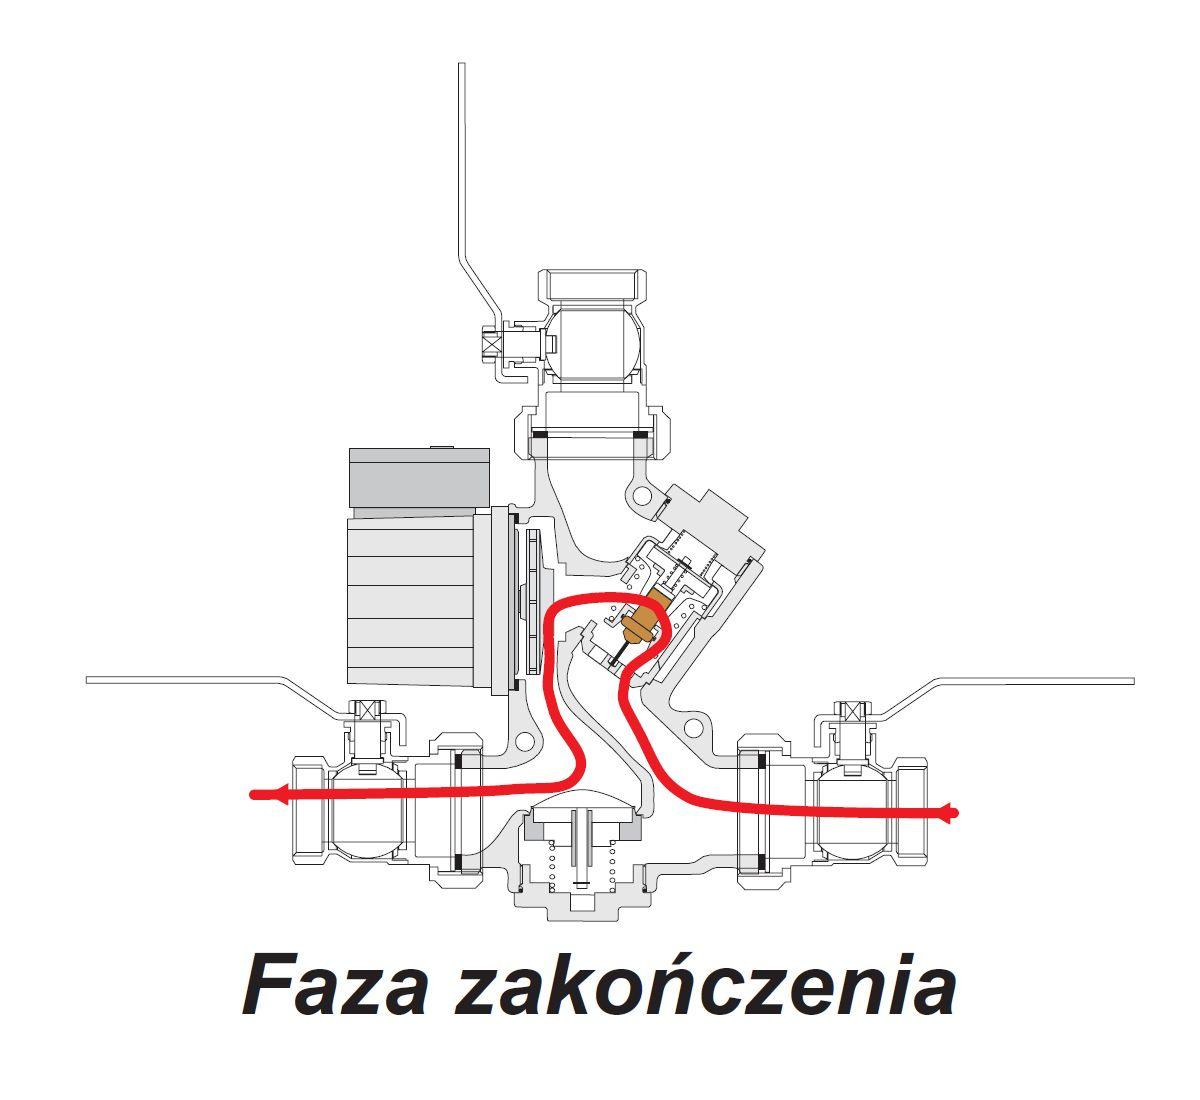 Laddomat i faza końcowa ogrzewania kotła c.o - schemat działania Laddomat'u